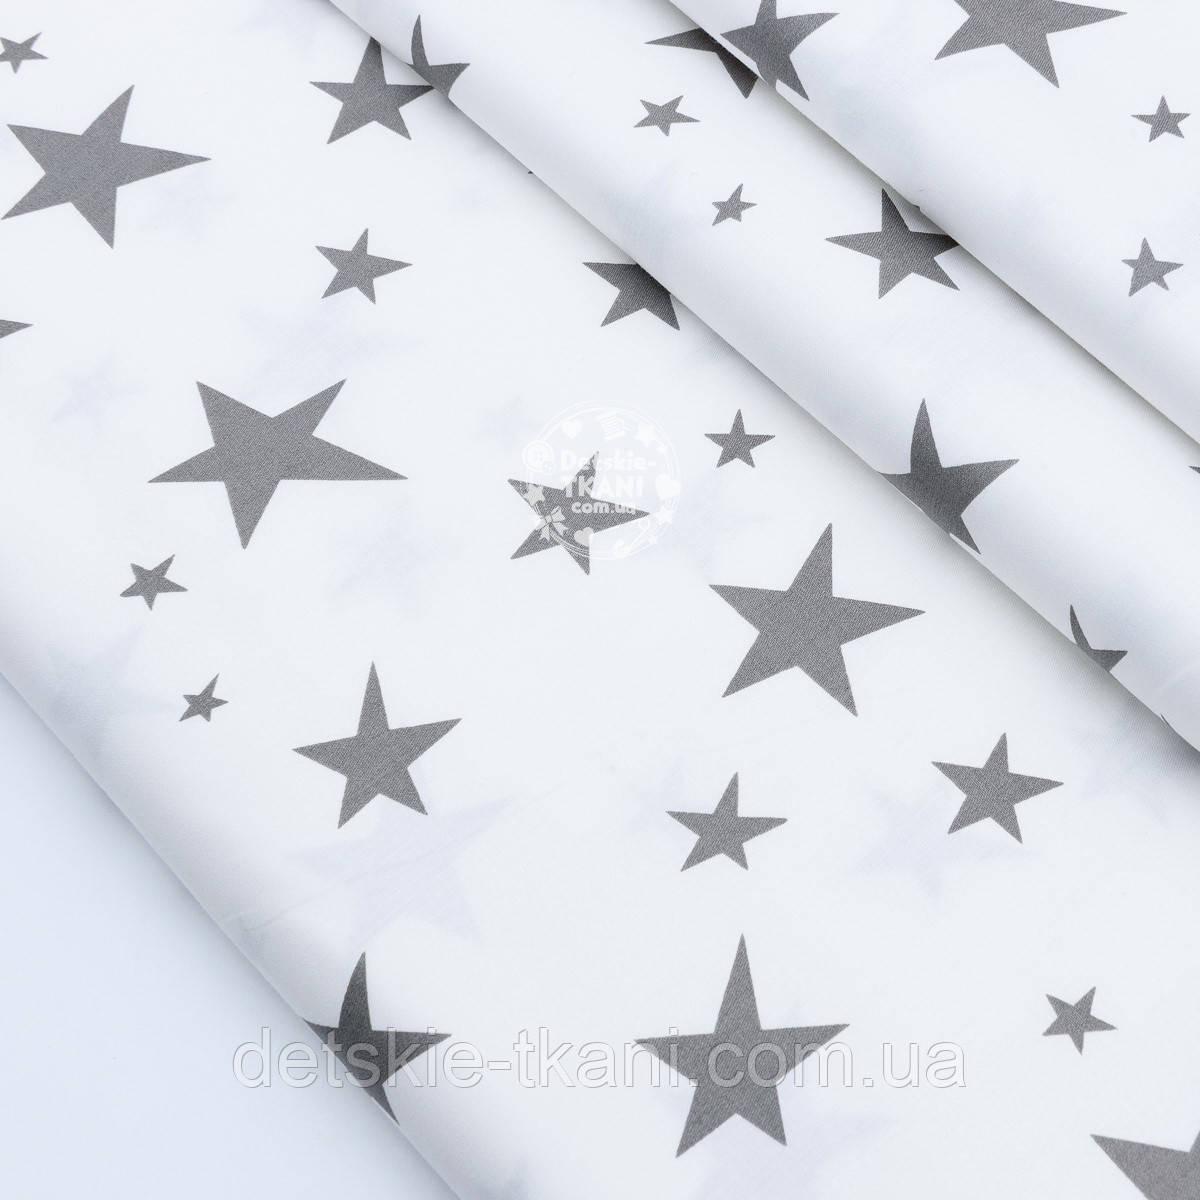 """Сатин ткань """"Средние и малые звёзды"""" графитовые на белом, №1800с"""